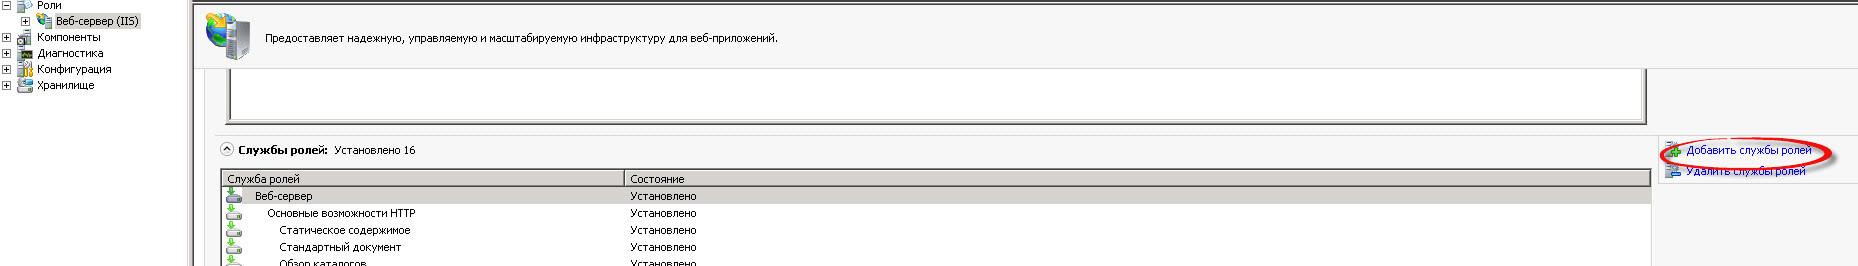 Как настроить в iis перенаправление домена на другой домен-03